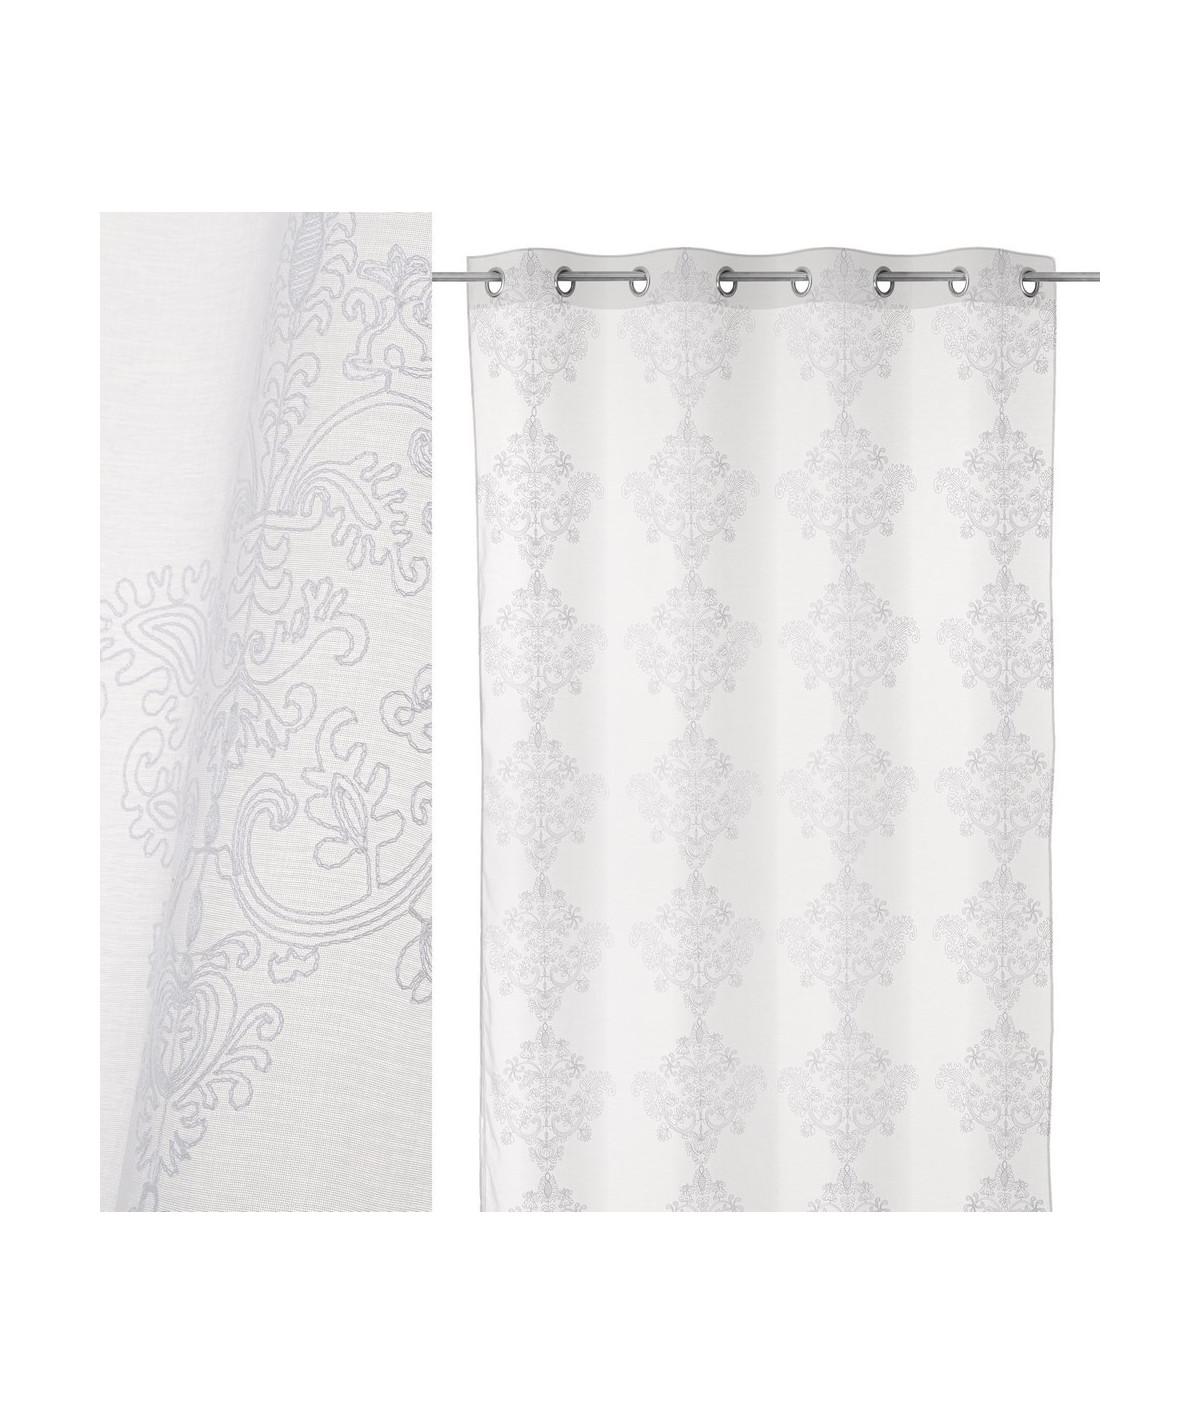 Voilage blanc style broderie (Lot de 2) 140x260cm Emotion |YESDEKO